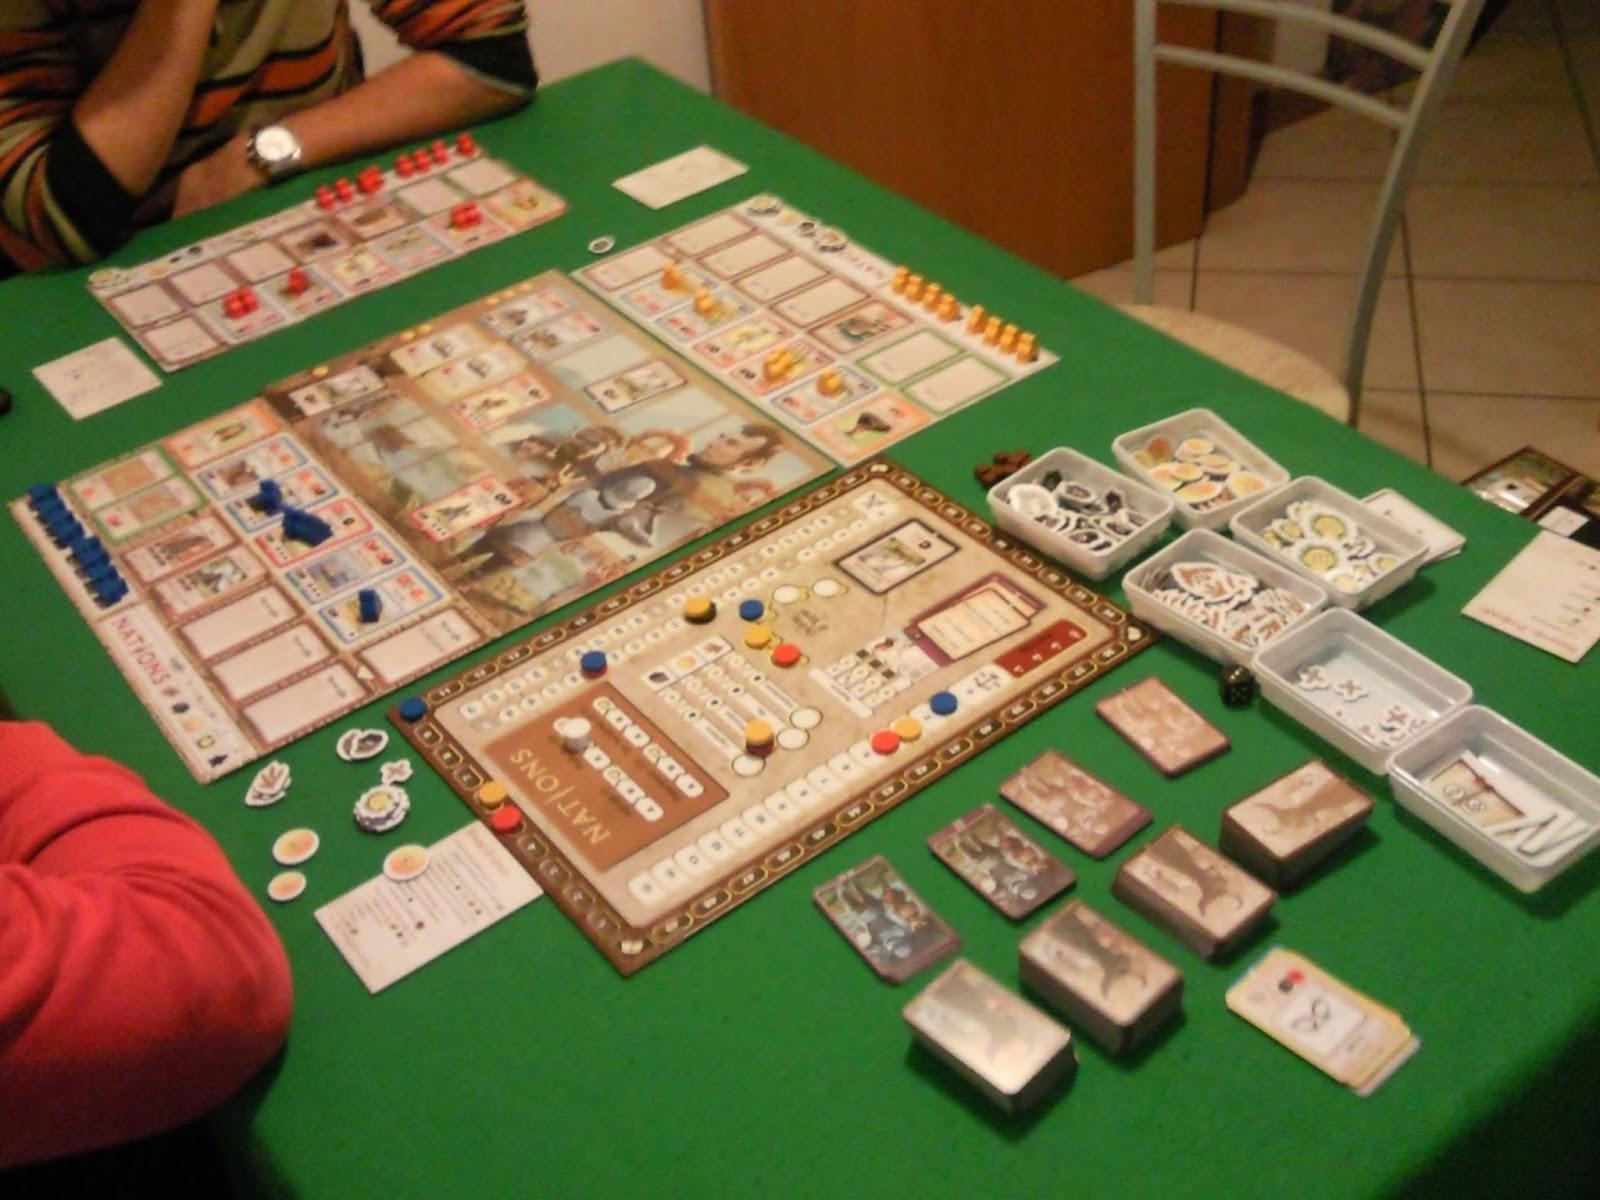 Nations recensione giochi sul nostro tavolo - Miglior gioco da tavolo ...